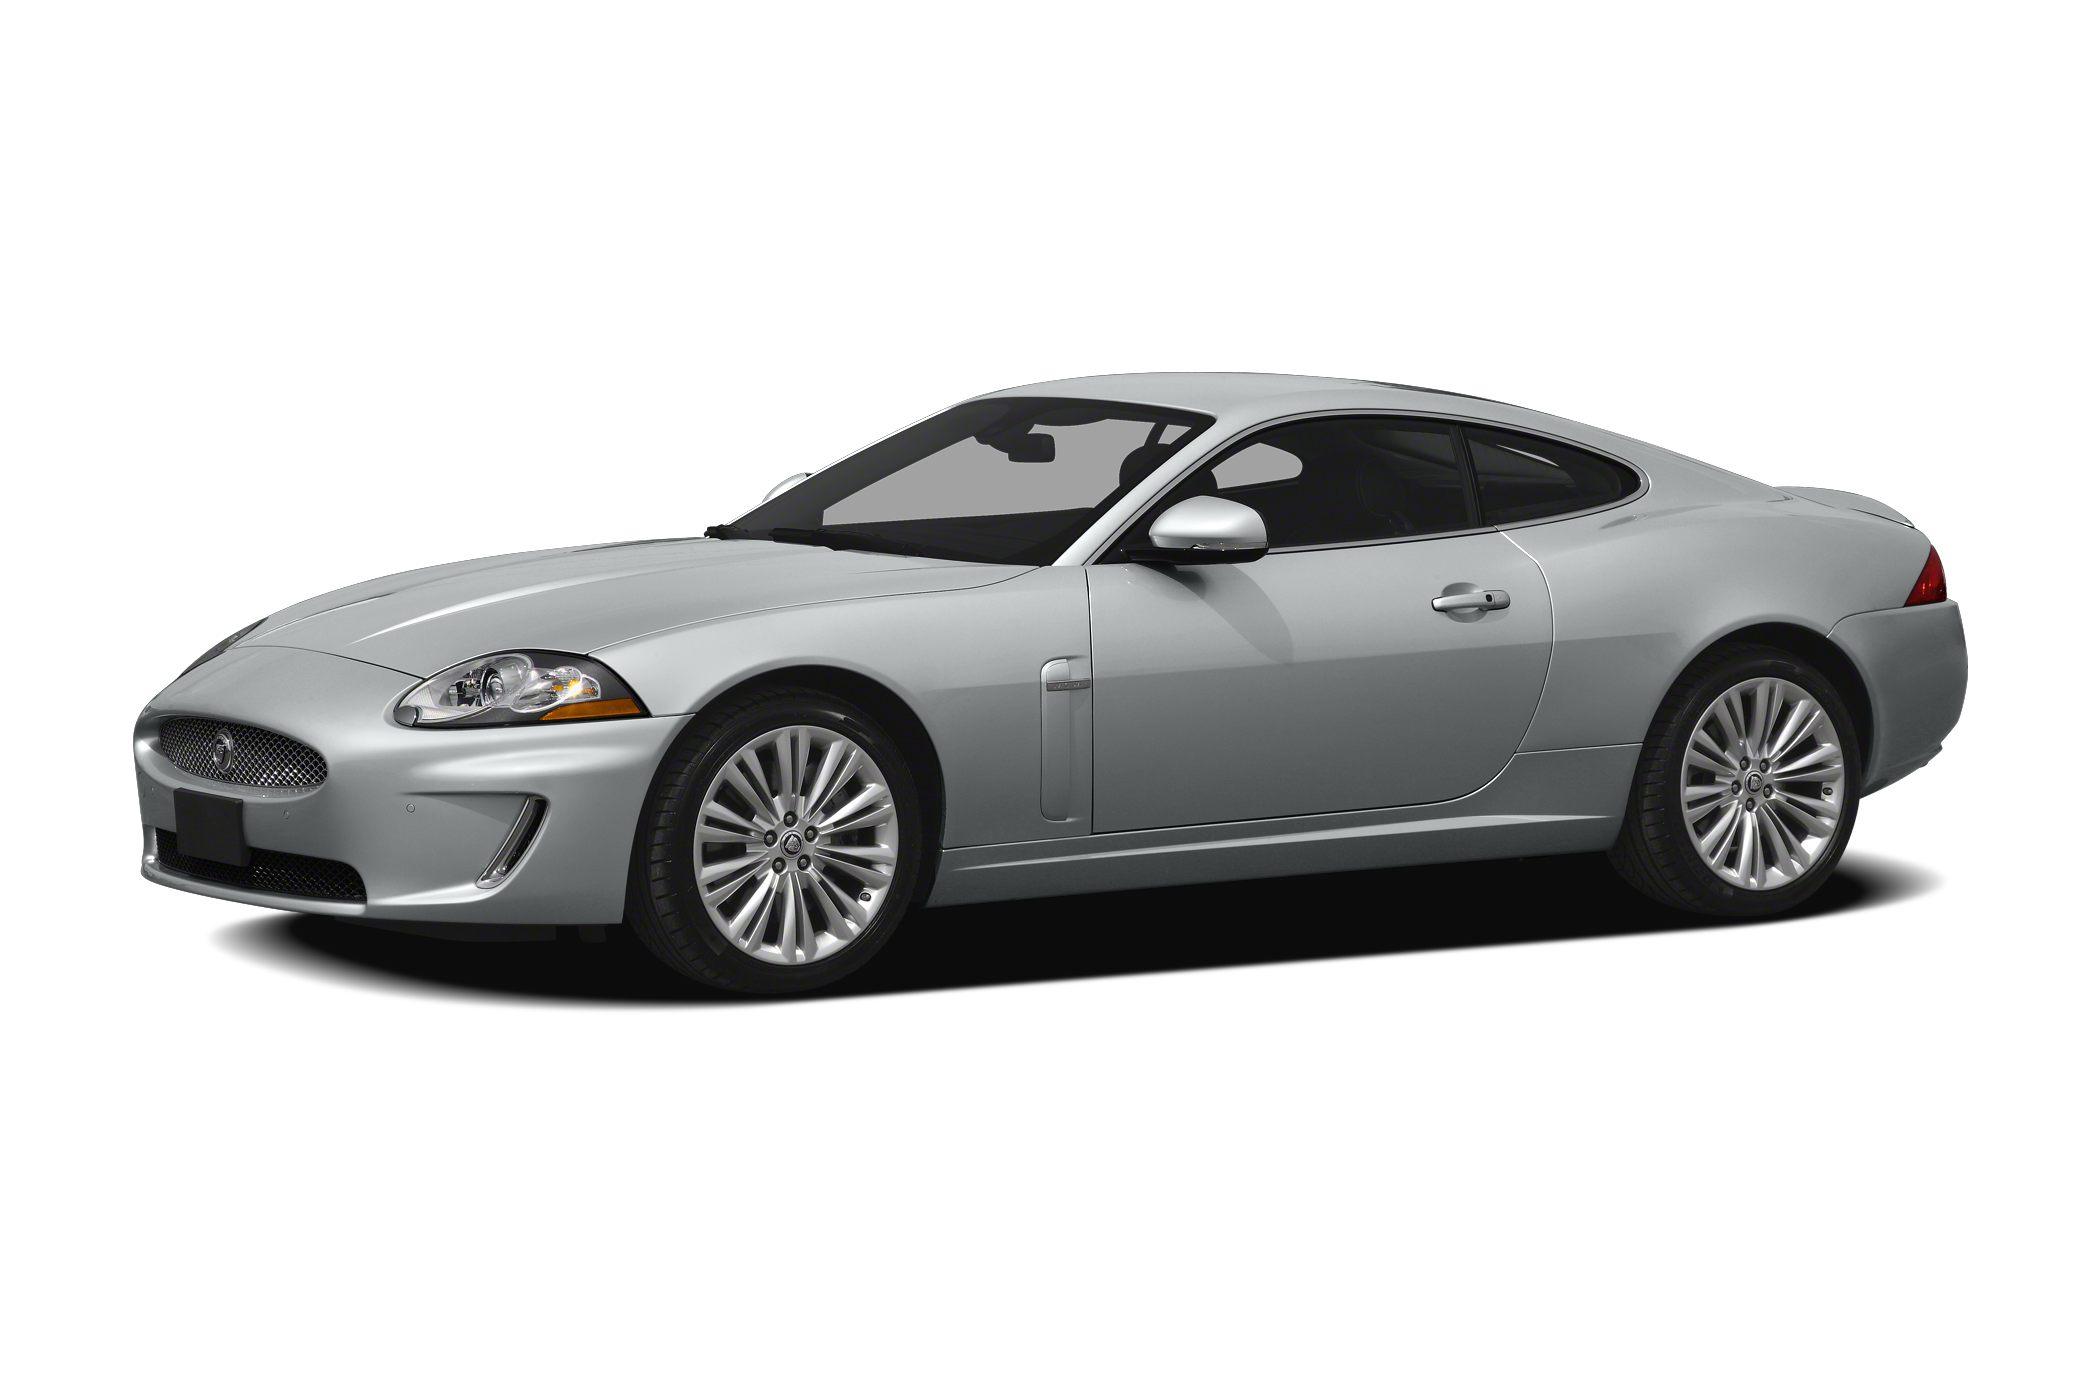 2011 Jaguar XK Information